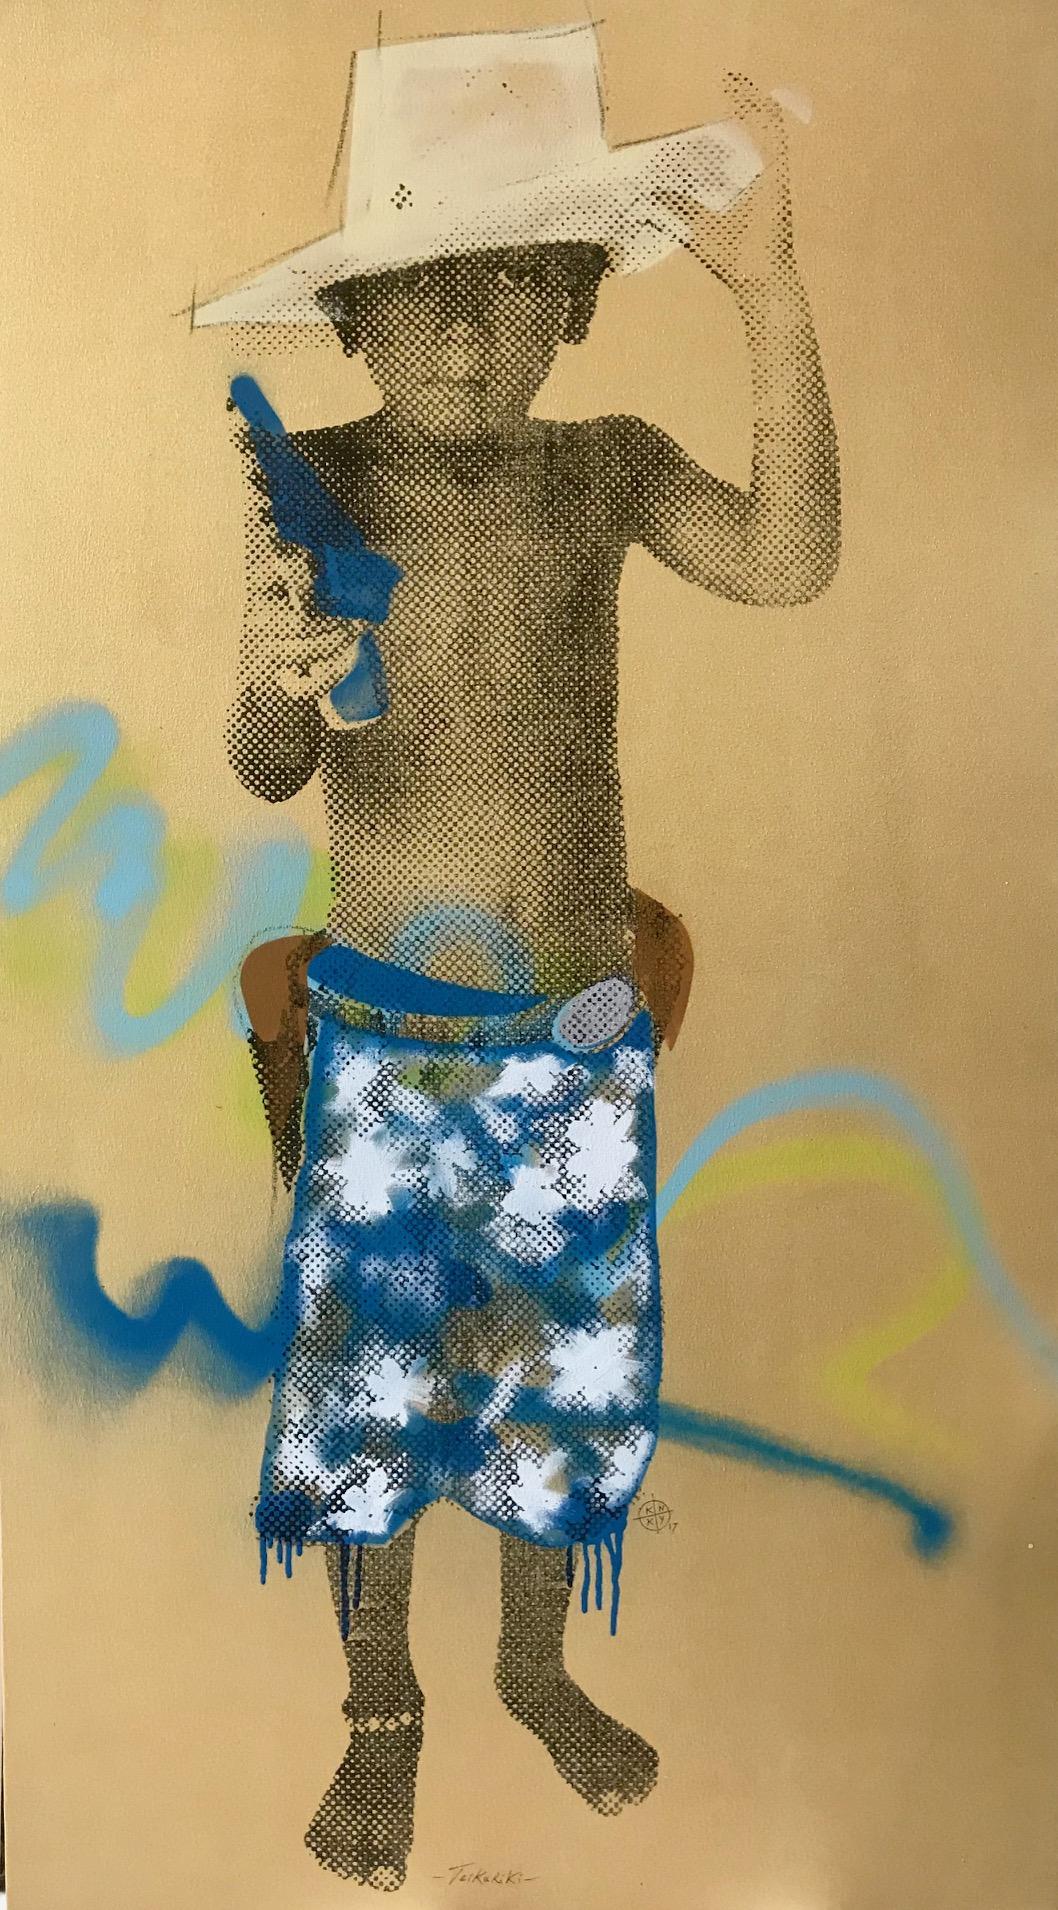 """Cette sérigraphie sur toile intitulée """"Teikariki-Teikariki"""" est """"un transfert du double Elvis de Warhol rehaussé d'un clin d'œil au vandalisme urbain actuel et inutile"""", explique l'artiste."""